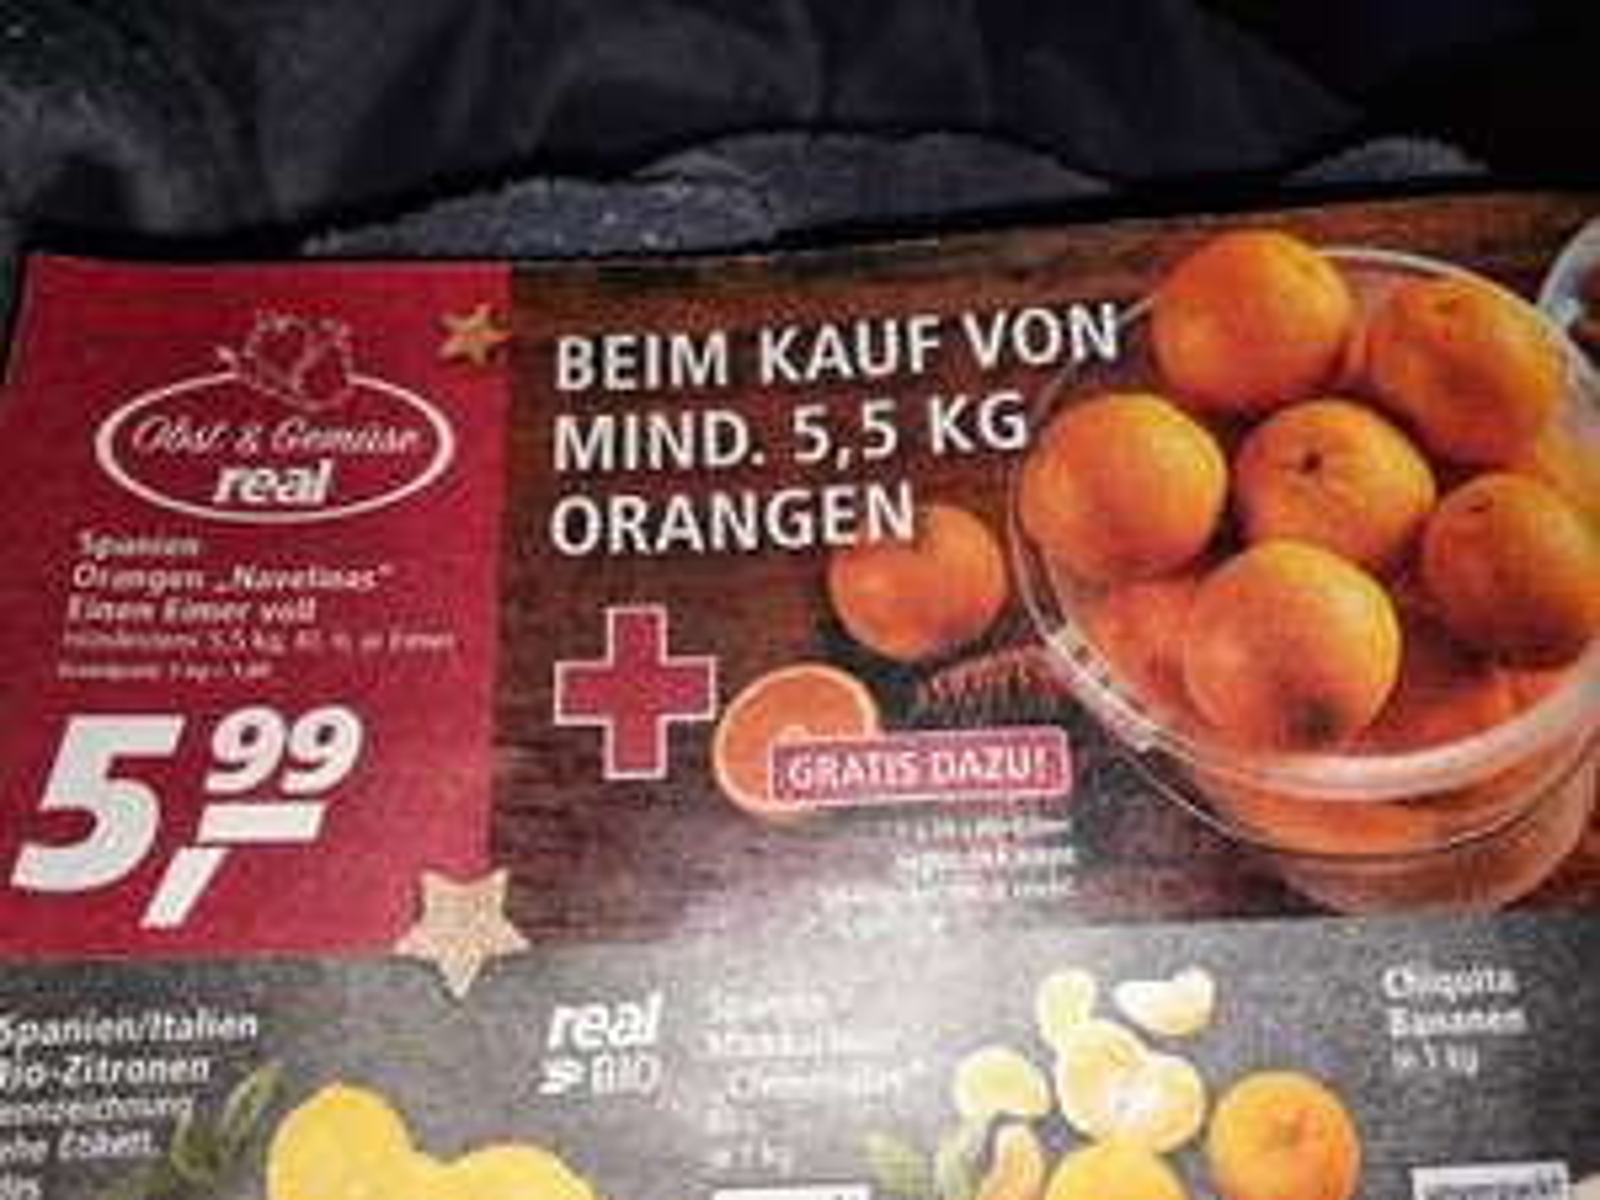 [Real] Selbst befüllter Eimer voll Orangen